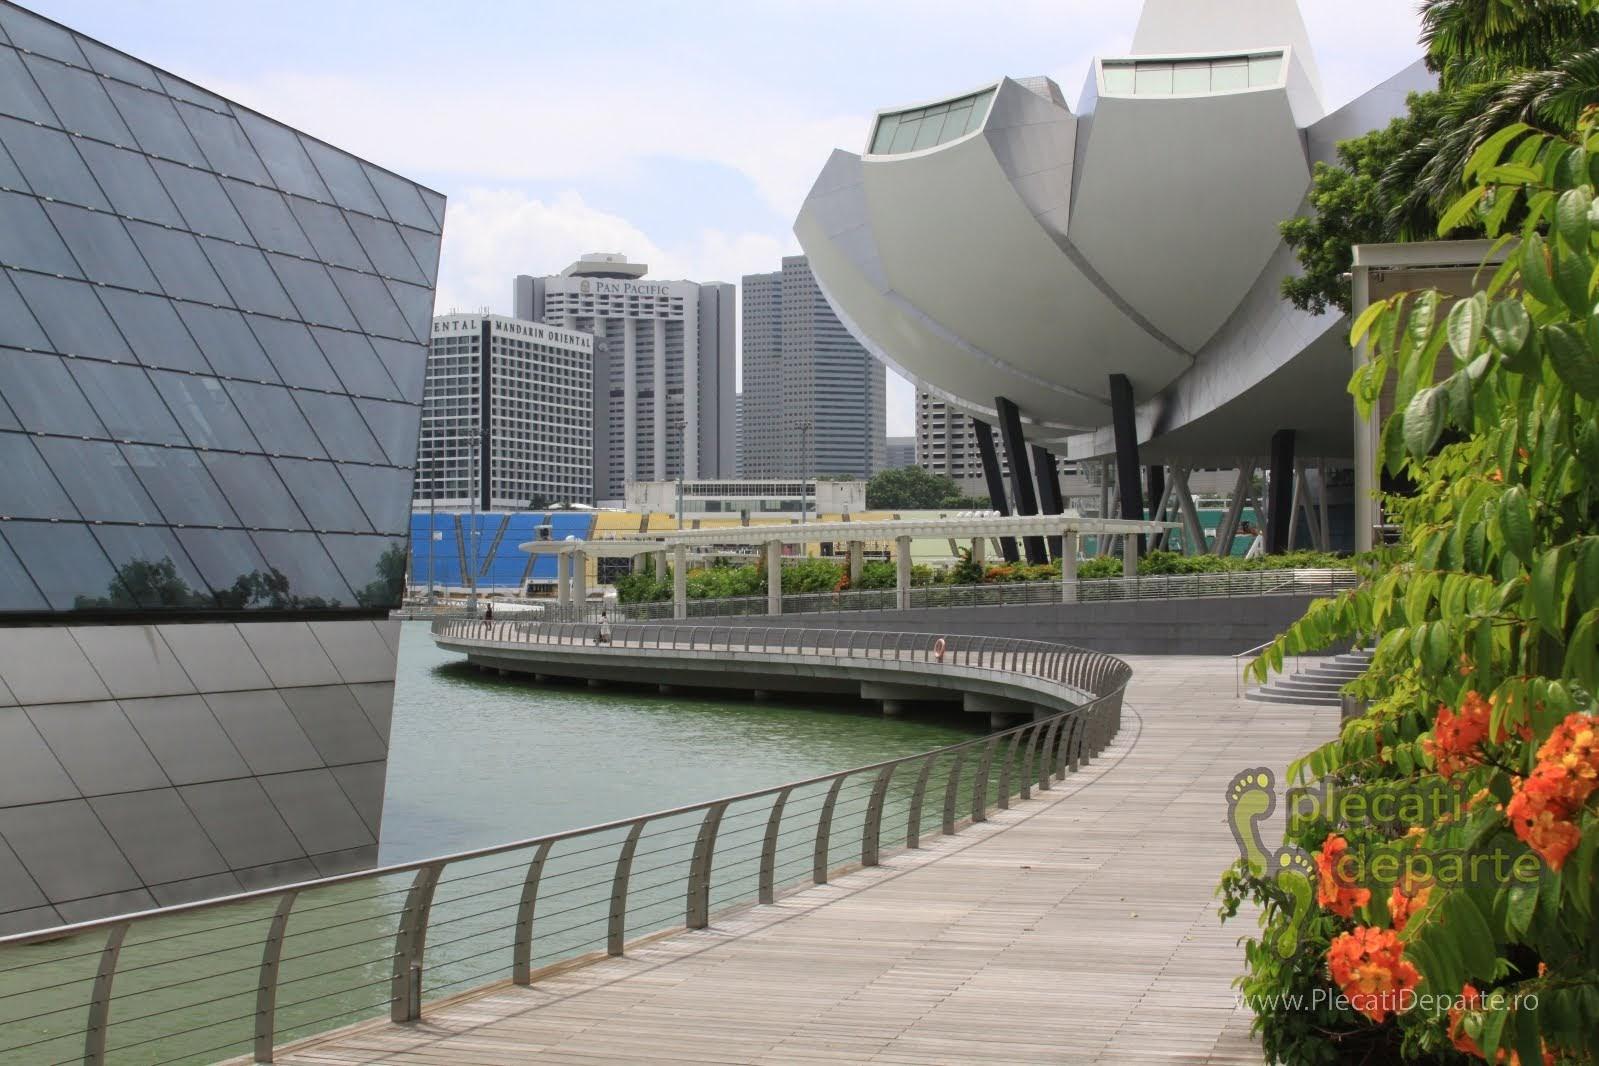 obiective turistice Singapore - Marina Bay - ArtScience Museum o cladire in forma de lotus